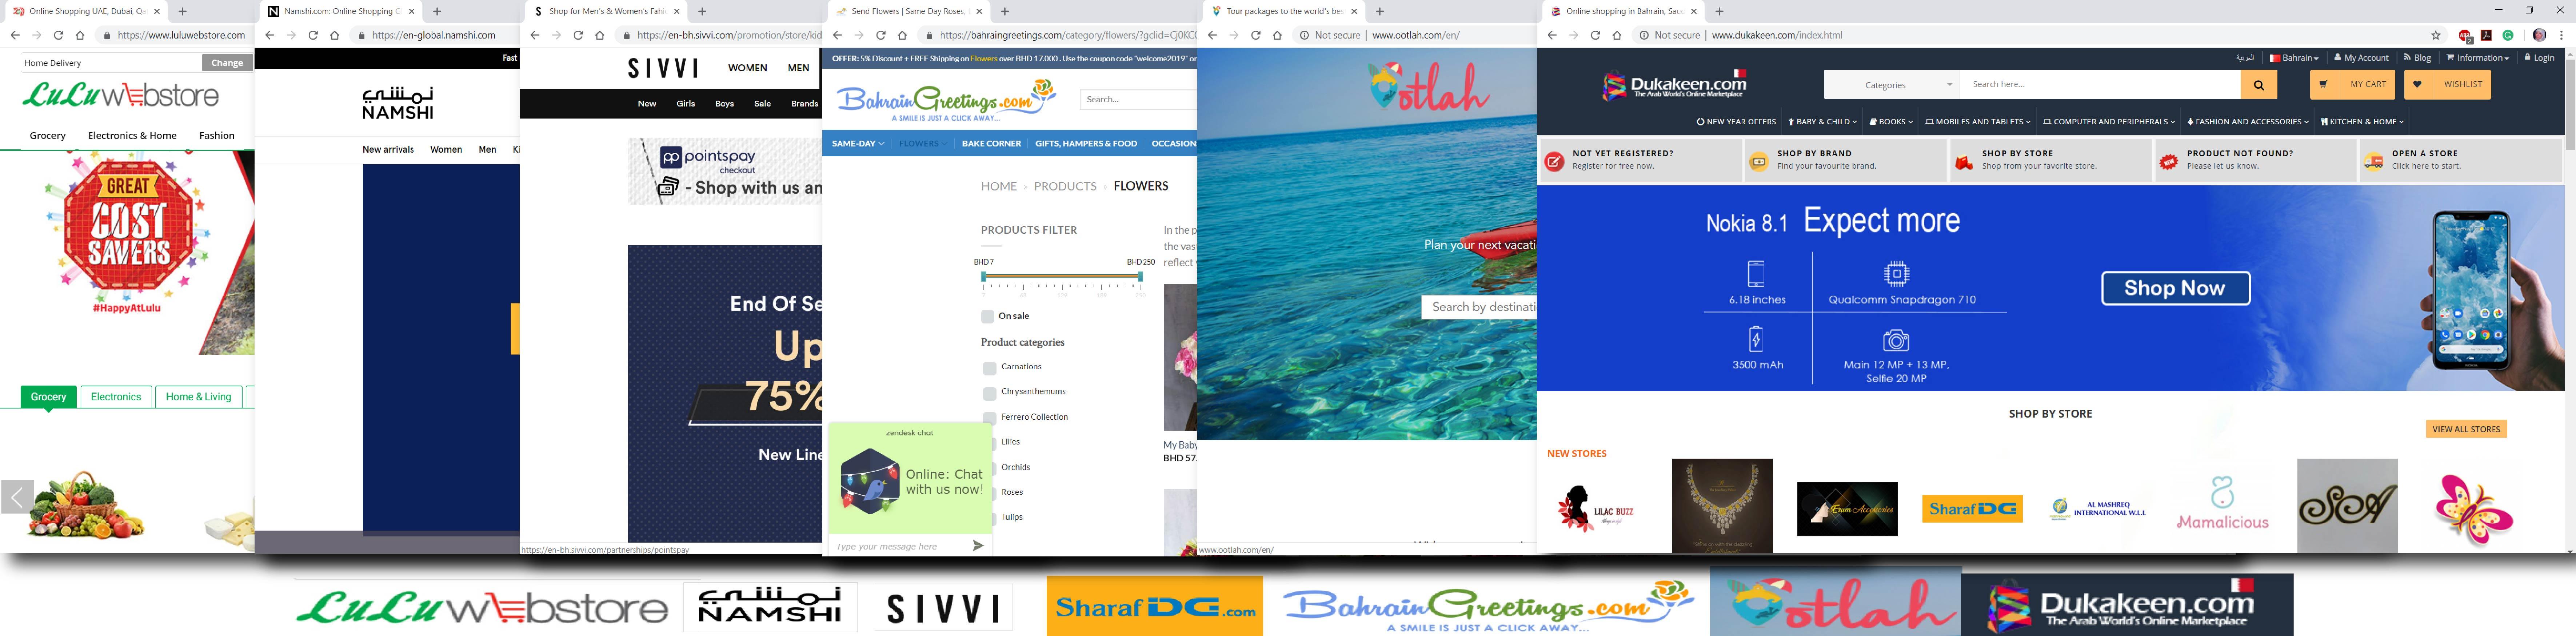 التسوق الإلكتروني في المملكة: أفضل مواقع التسوق الالكتروني في البحرين